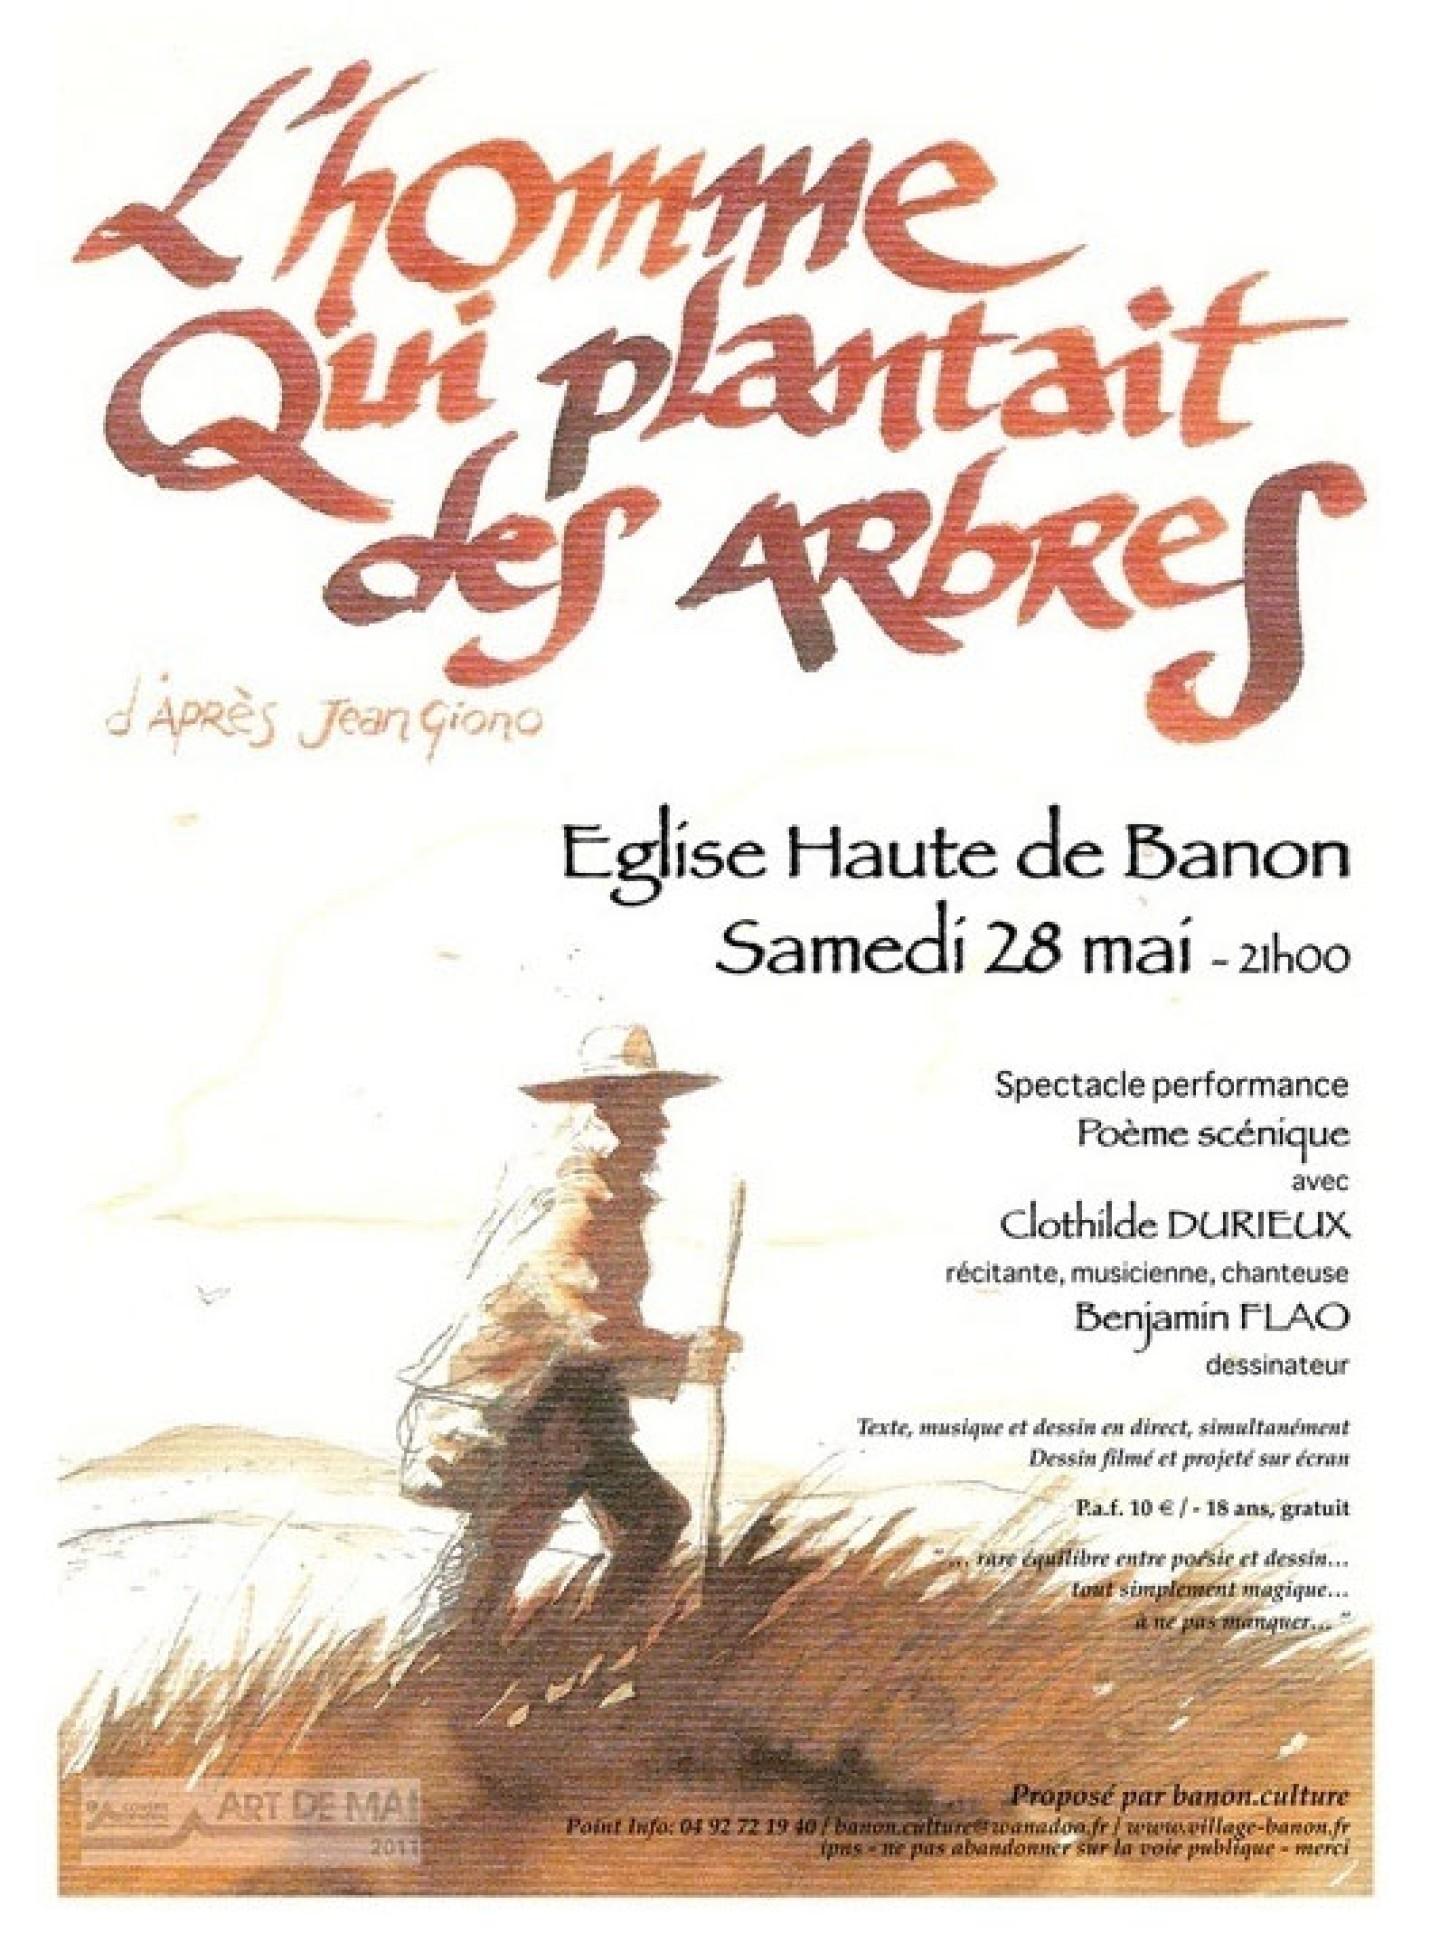 L'homme qui plantait des arbres spectacle d'après Jean Giono